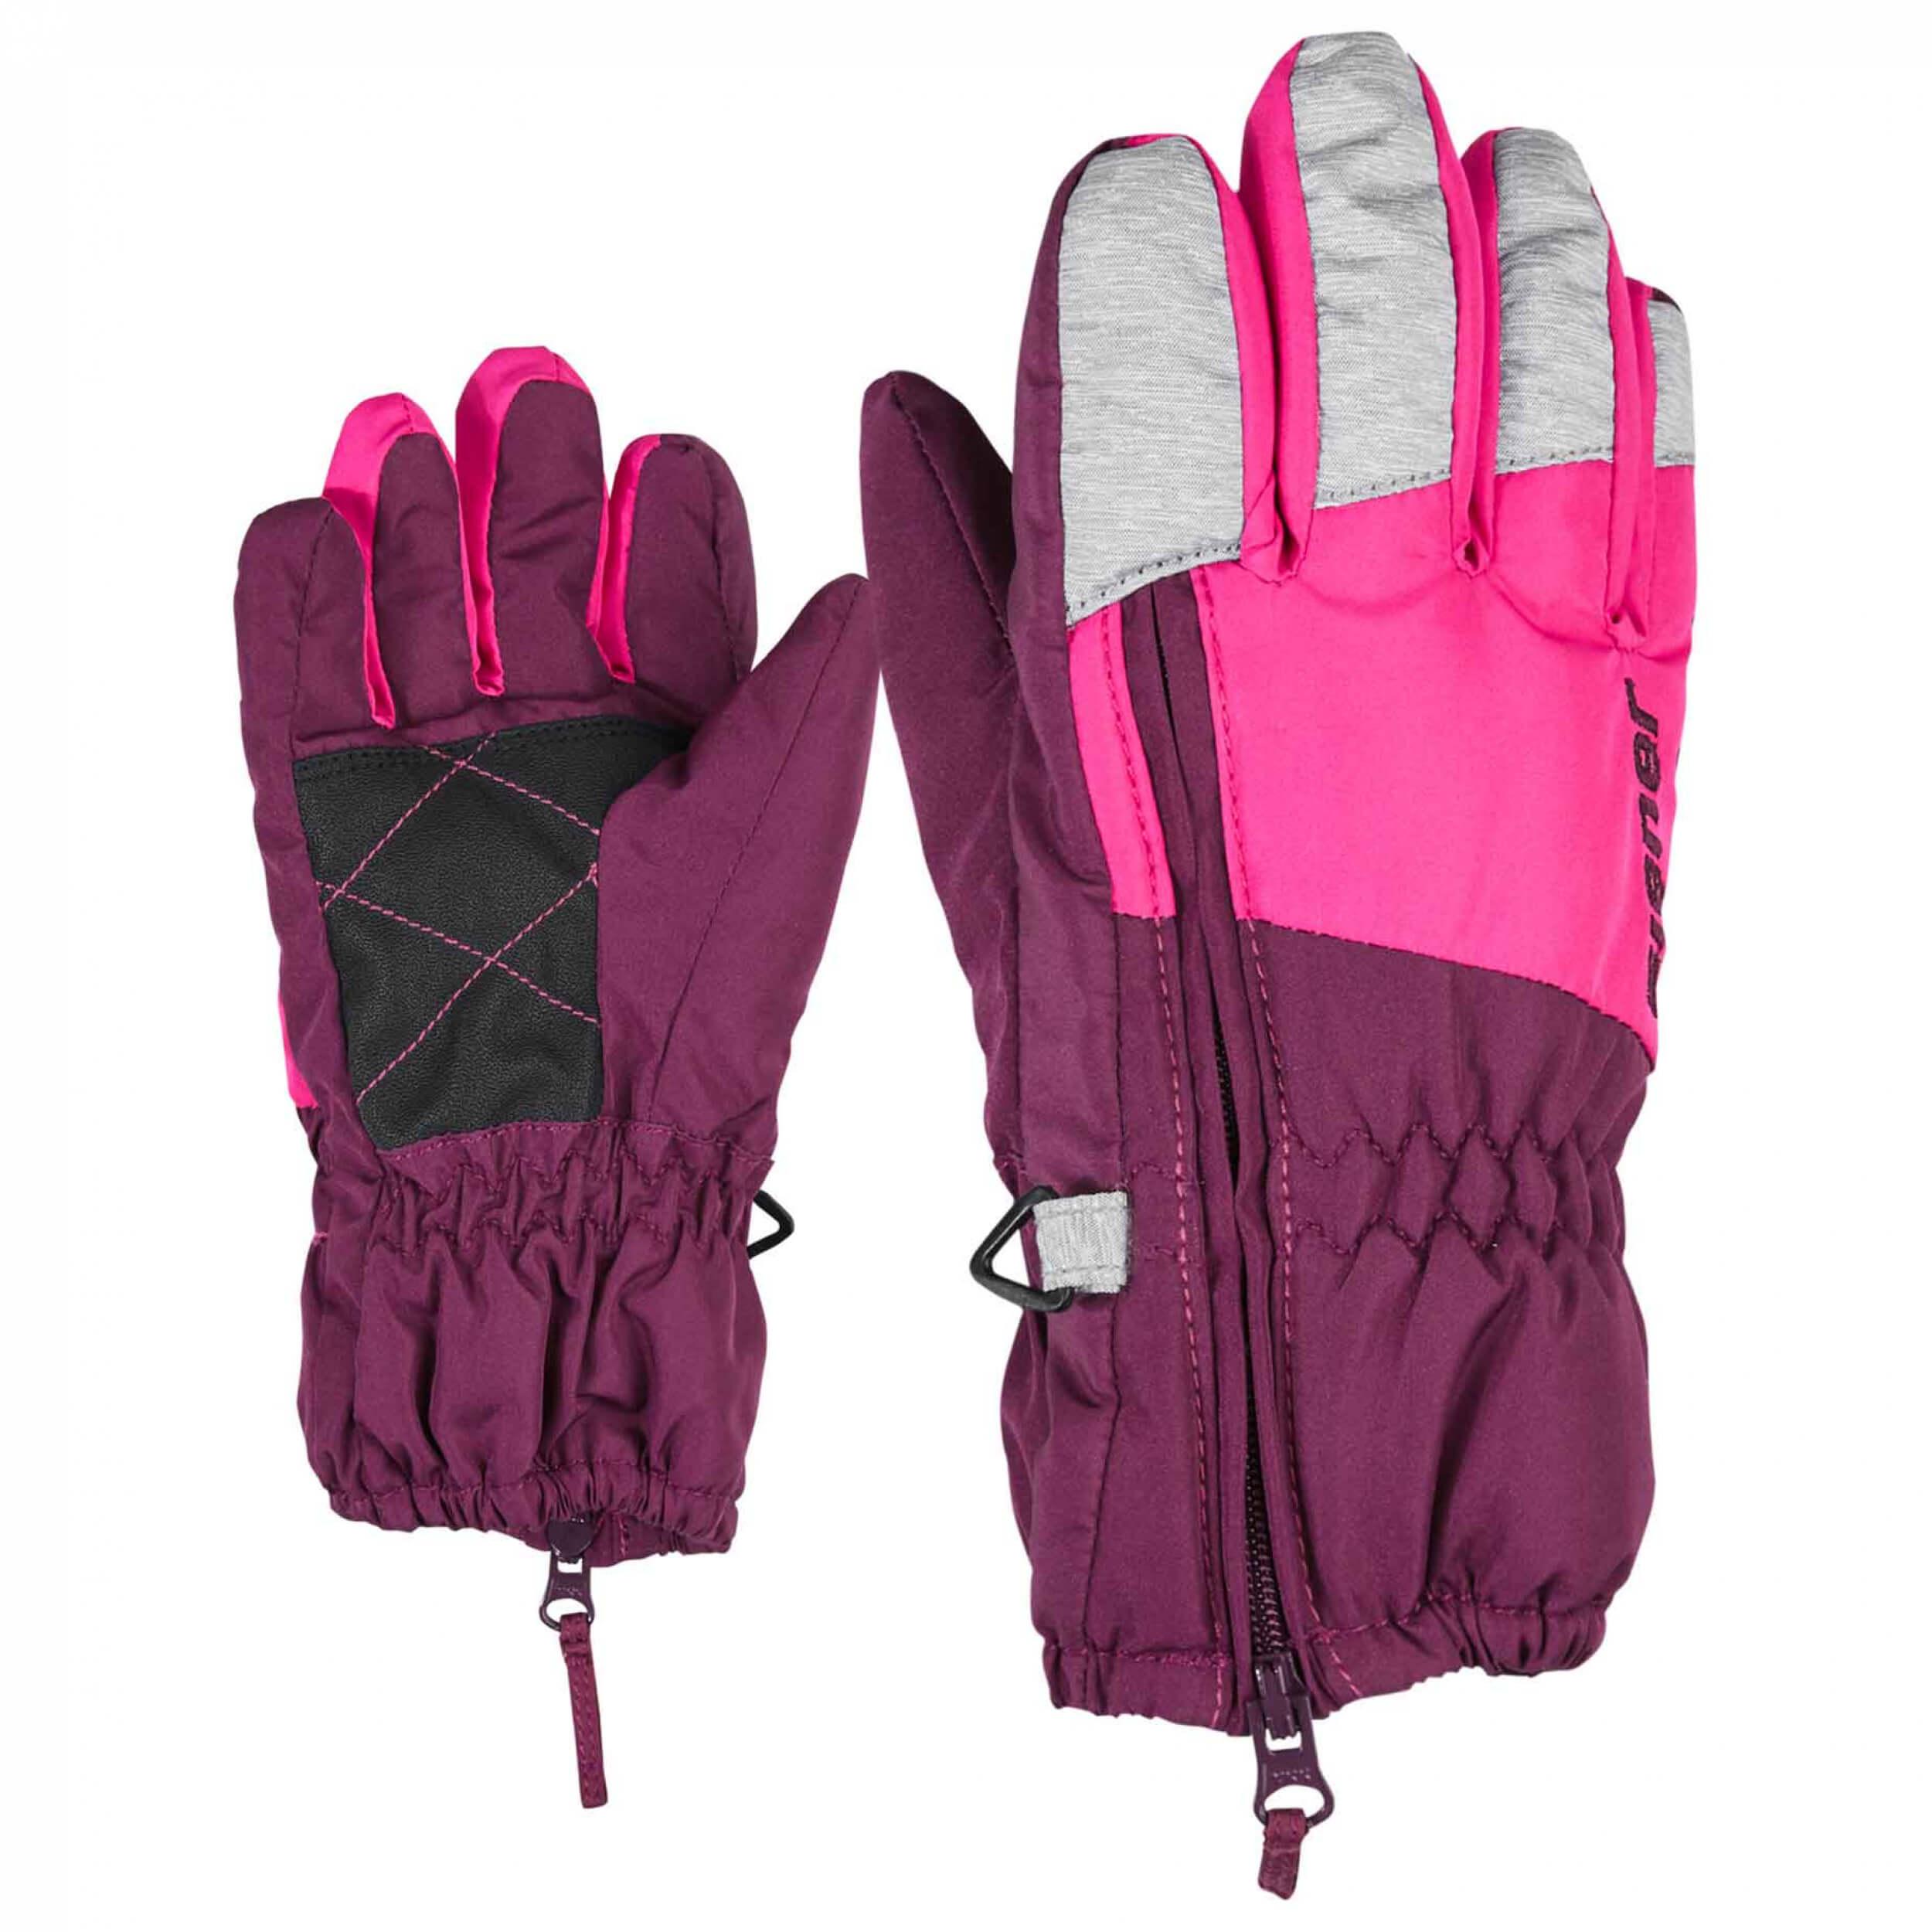 ZIENER Kinder mini Handschuhe LUDO Beere 863